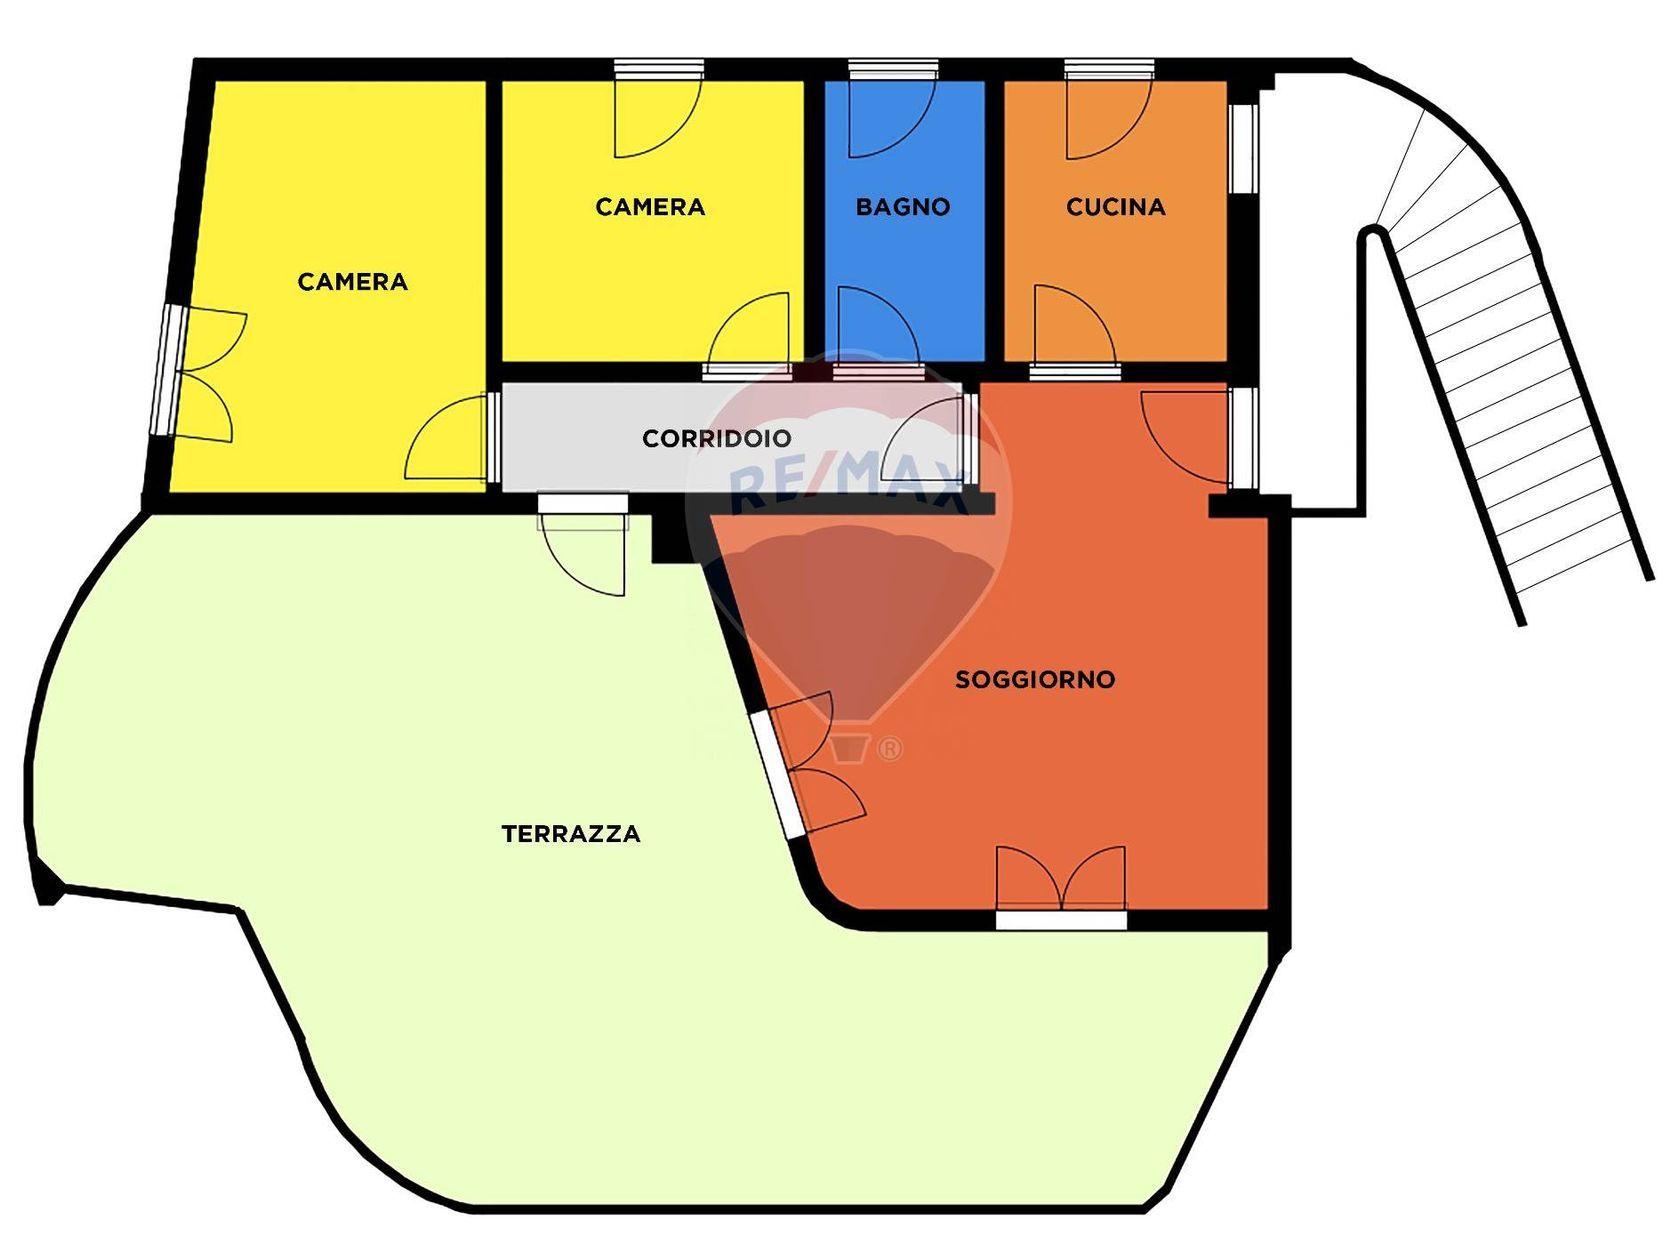 Villa singola Zona Santa Margherita, Pula, CA Vendita - Planimetria 2